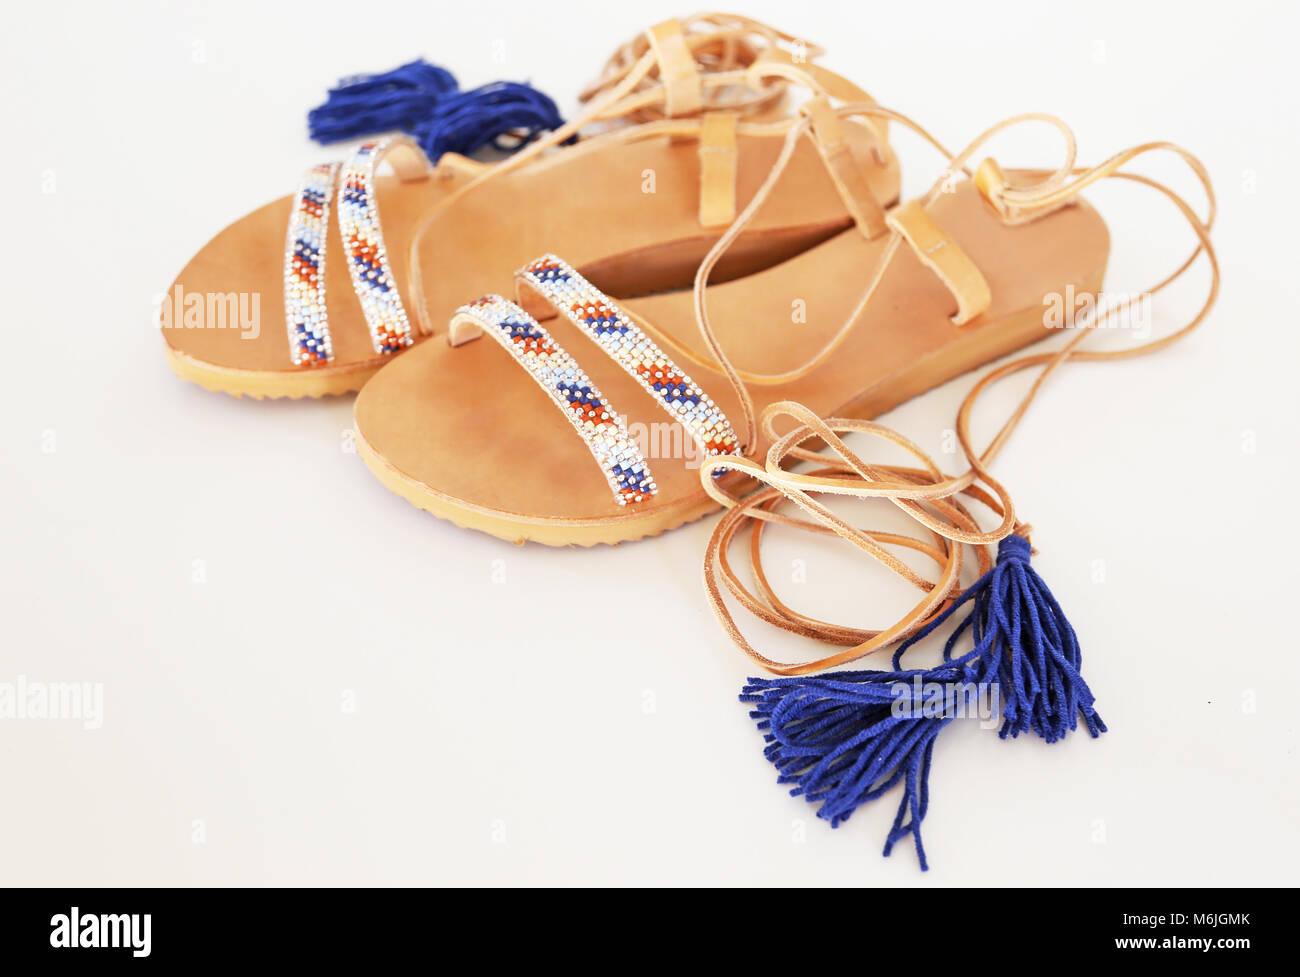 Böhmische griechische Sandalen aus Leder in blau und türkis